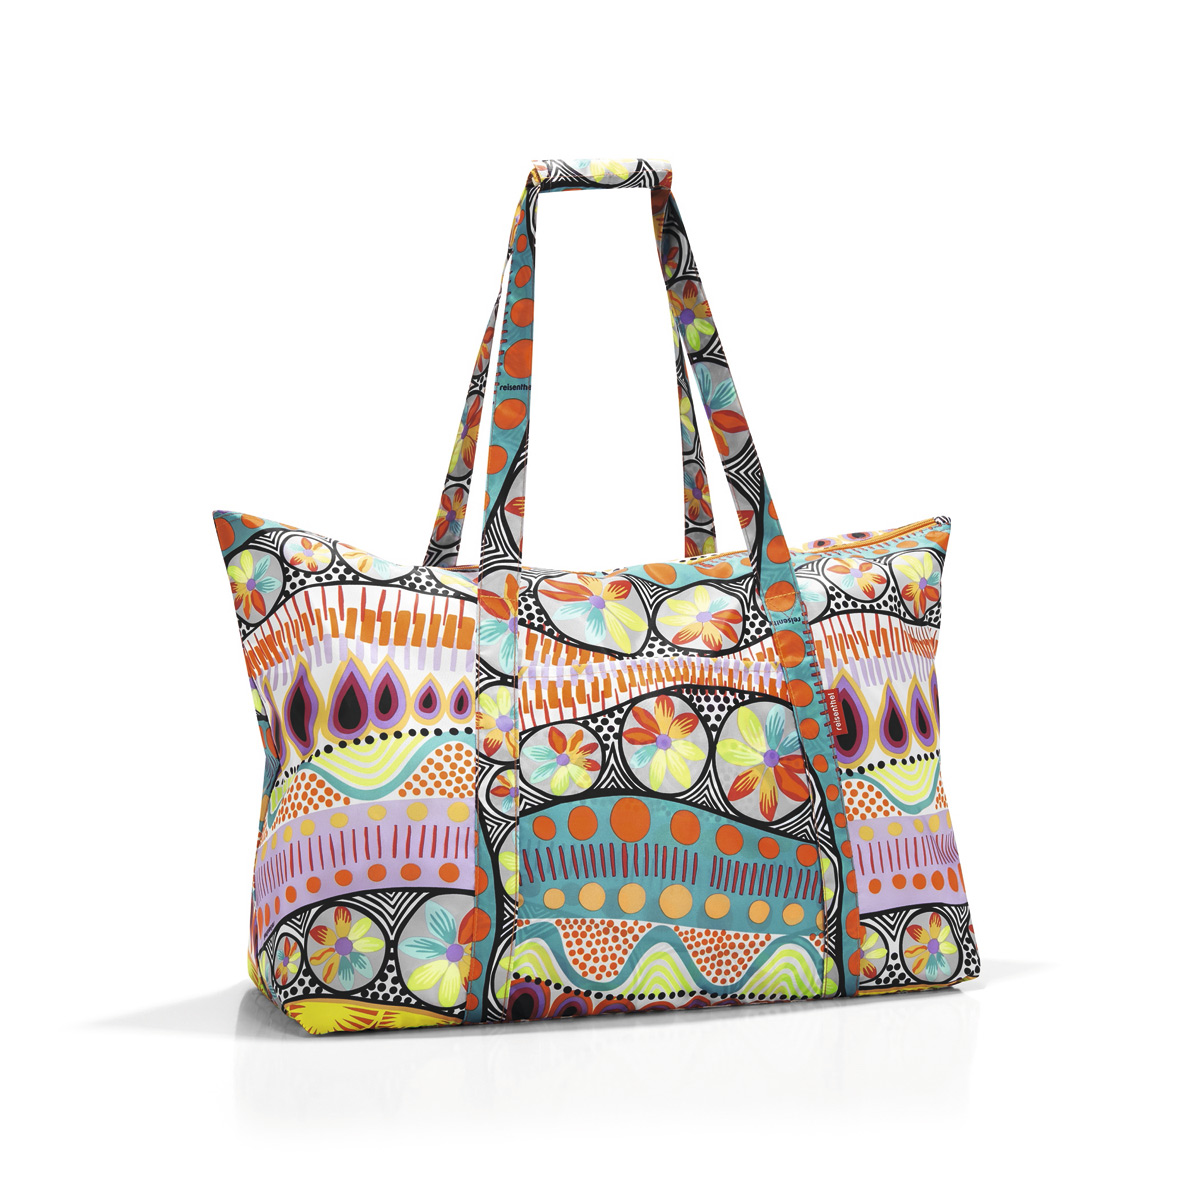 Сумка-шоппер женская Reisenthel, цвет: голубой, розовый. AG2020ML597BUL/DИдеальный компаньон для путешествий, ведь из поездки мы всегда возвращаемся со множеством сувениров и покупок. Так что еще одна сумка пригодится. Она легко складывается в маленький чехол, которые можно взять с собой в сумке или рюкзаке. Так же можно использовать для похода за продуктами.Внутренний объем сумки - 30 литров. Есть внешний кармашек для мелочей. Для удобства ручки сумки можно соединить между собой.